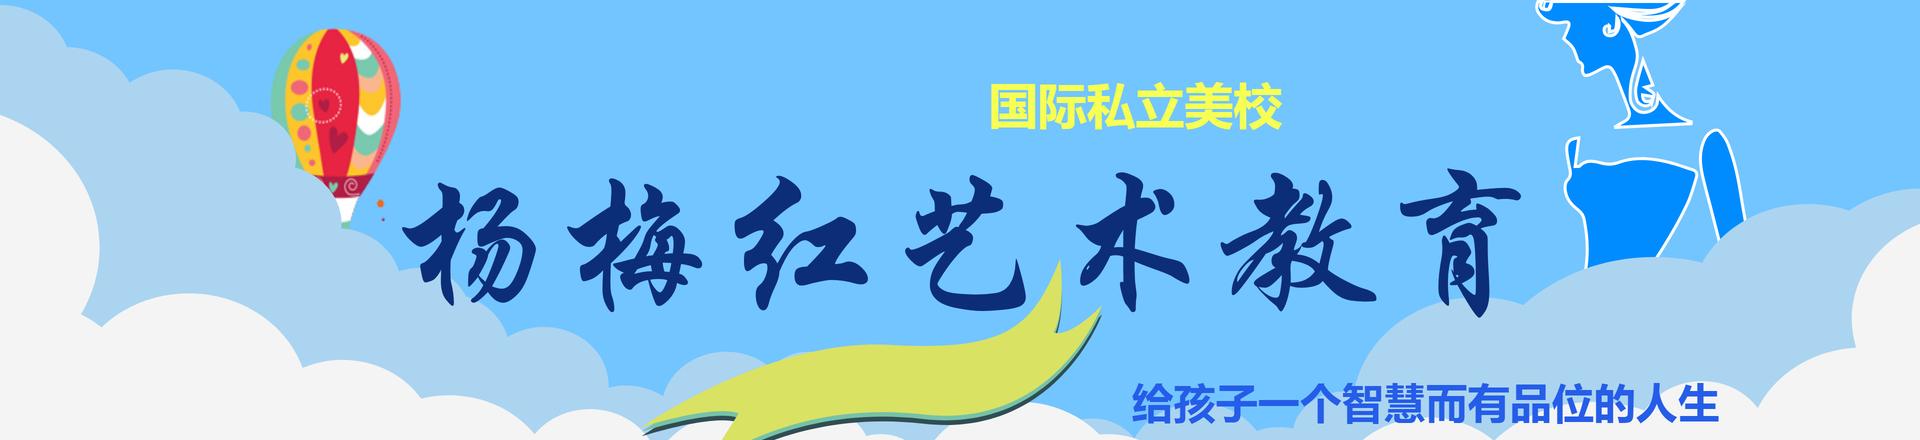 青岛凯德杨梅红国际私立美校